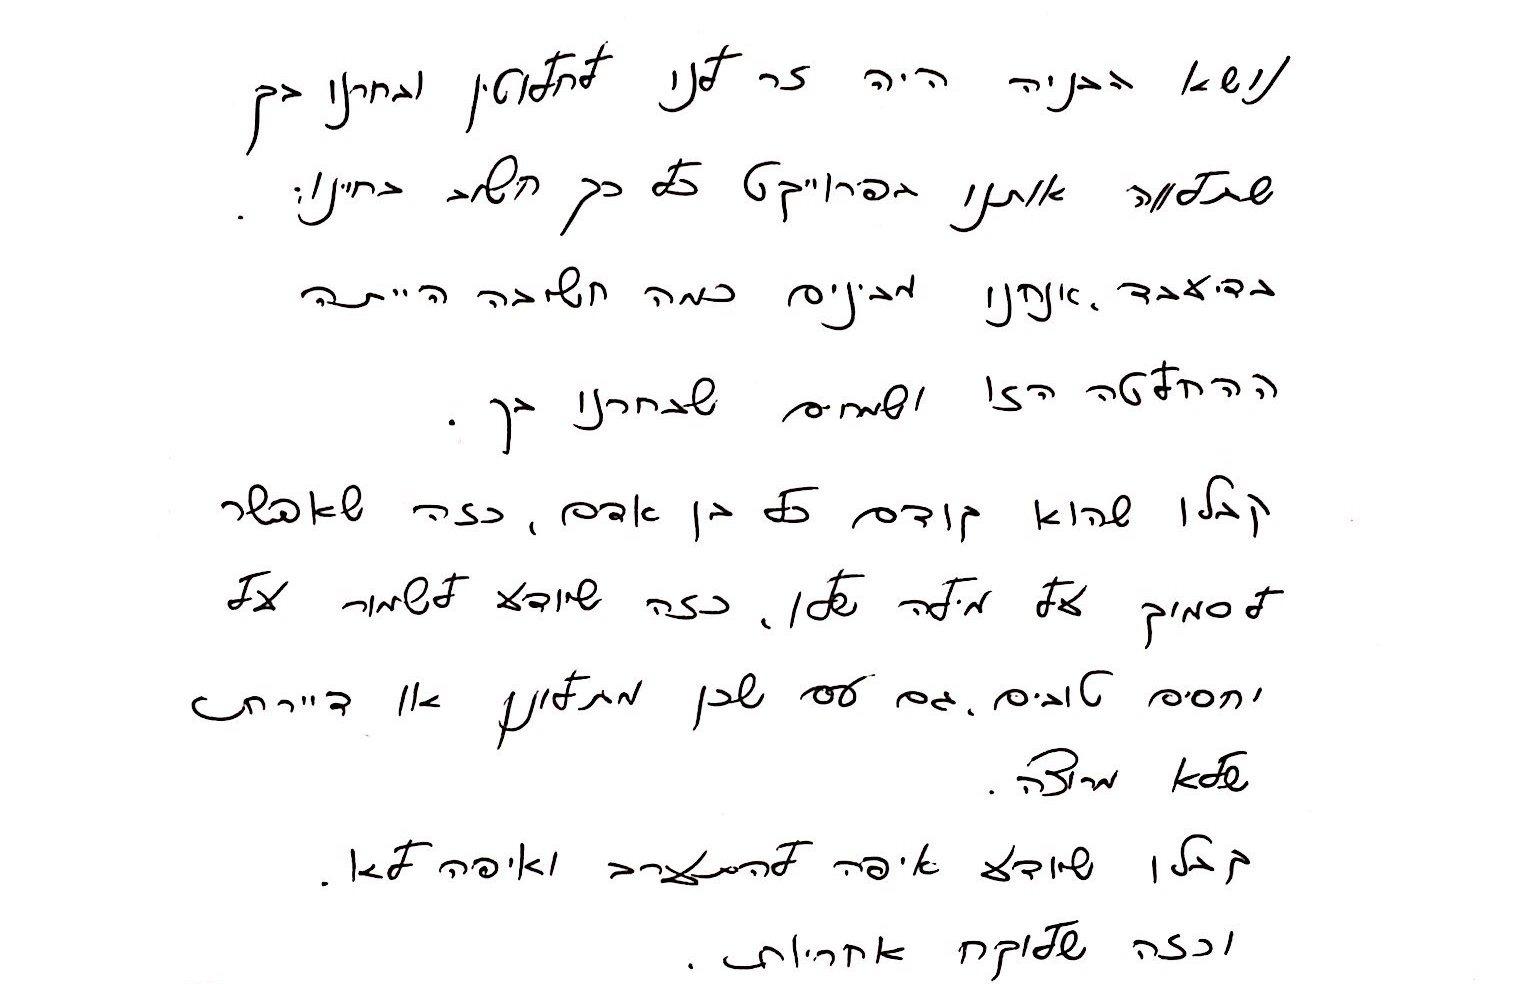 מכתב תודה מקראוס